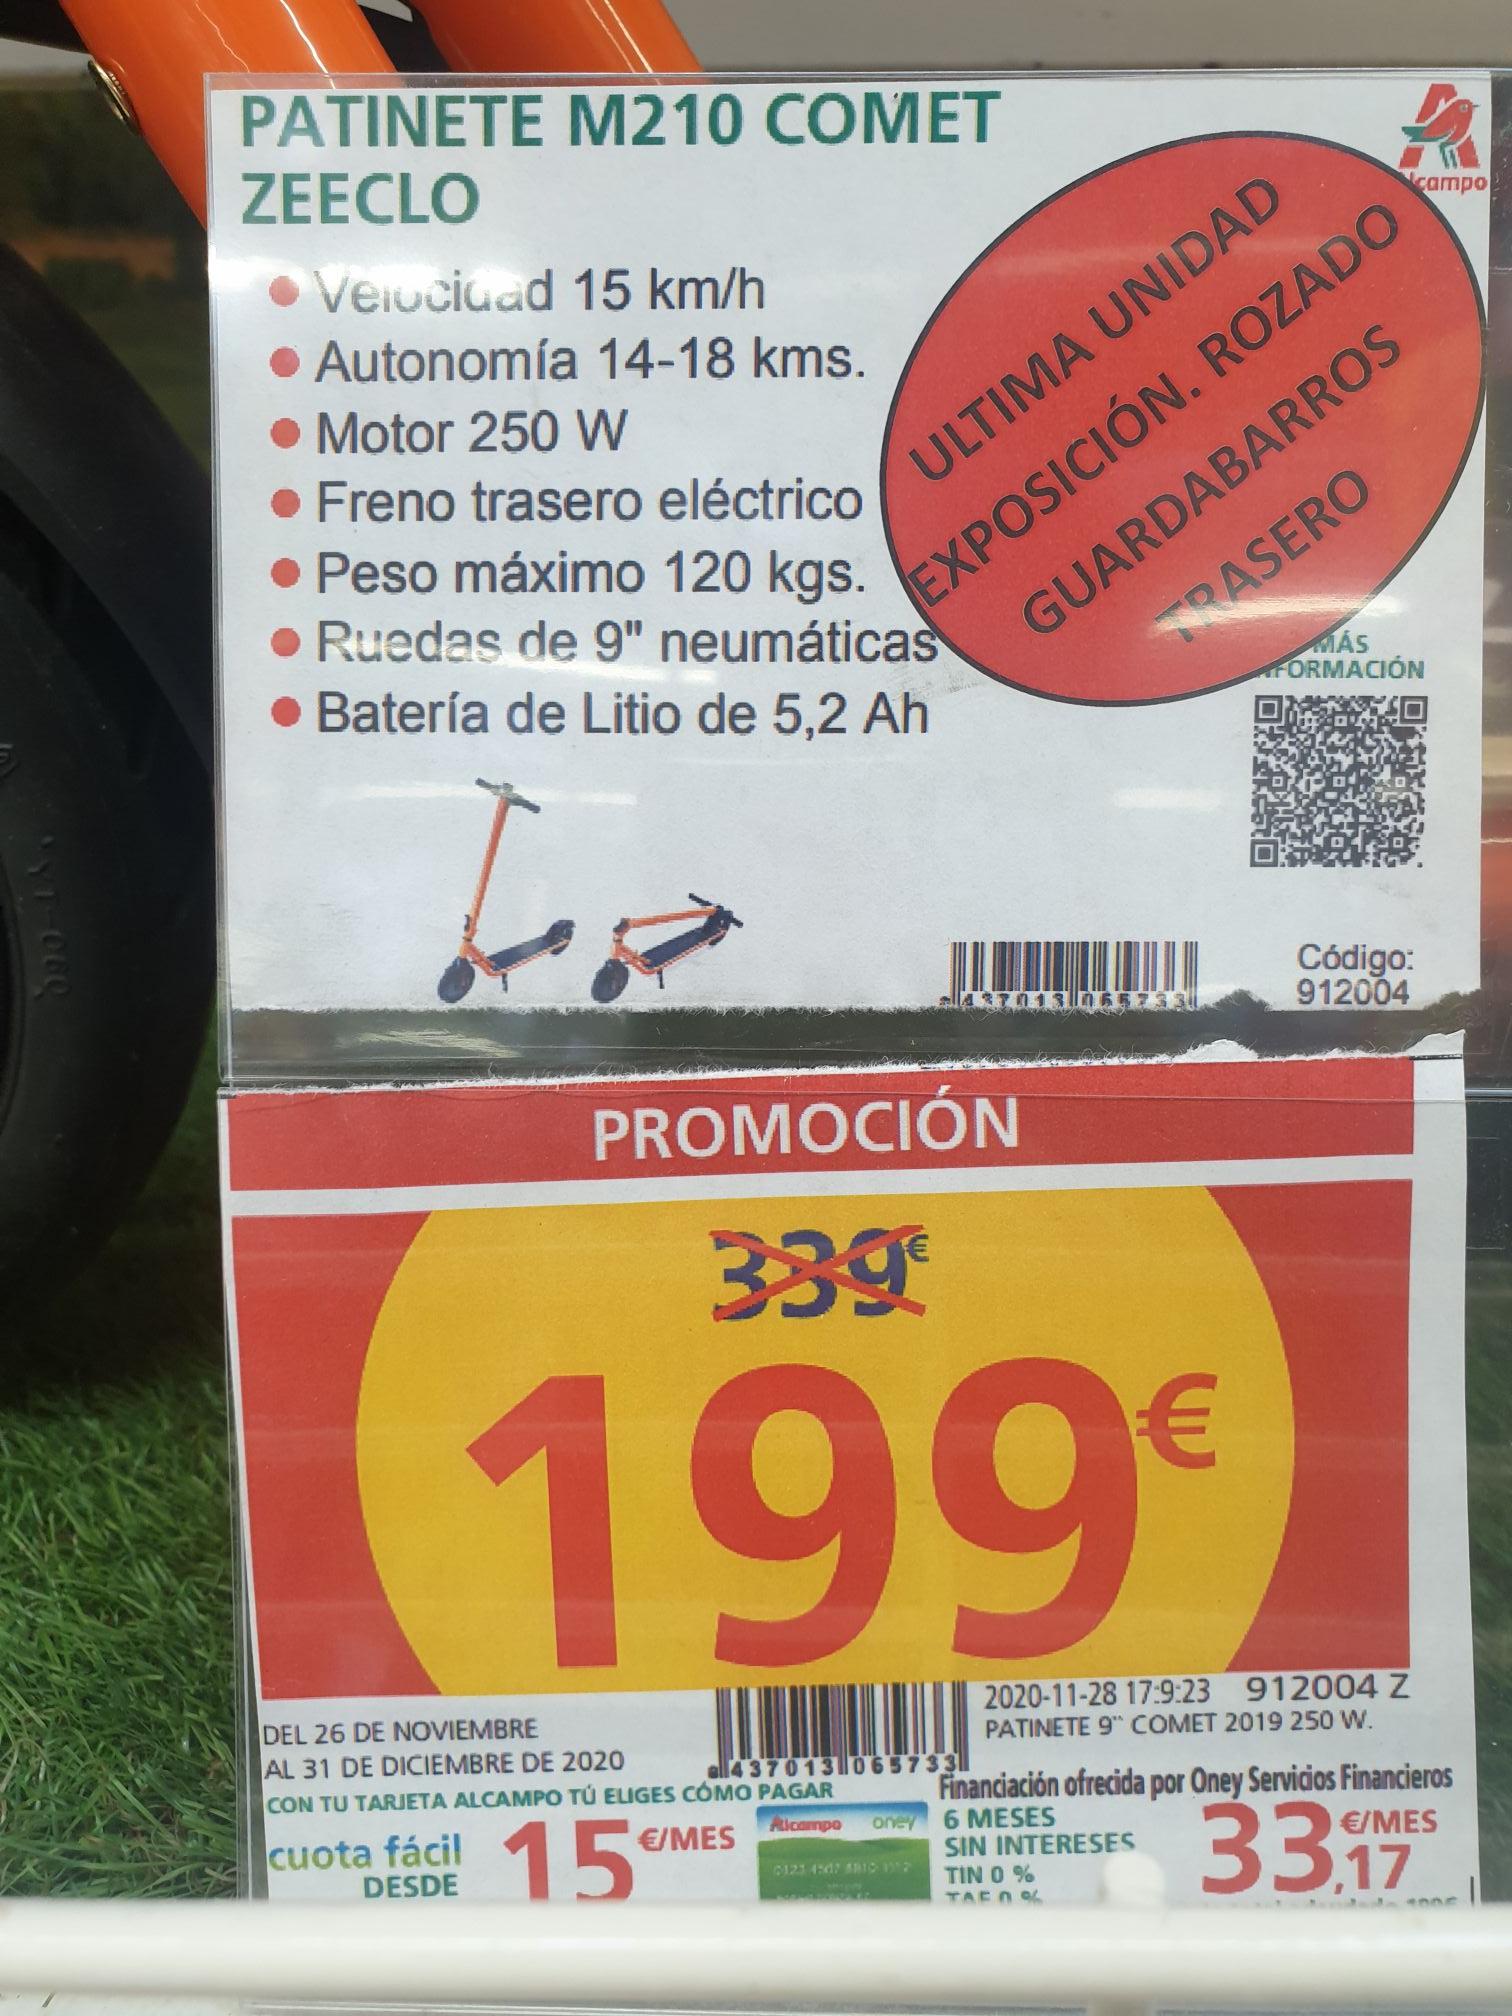 Patinete eléctrico COMET ZEECLO M210 (Unidad de exposición con roze en guardabarros)